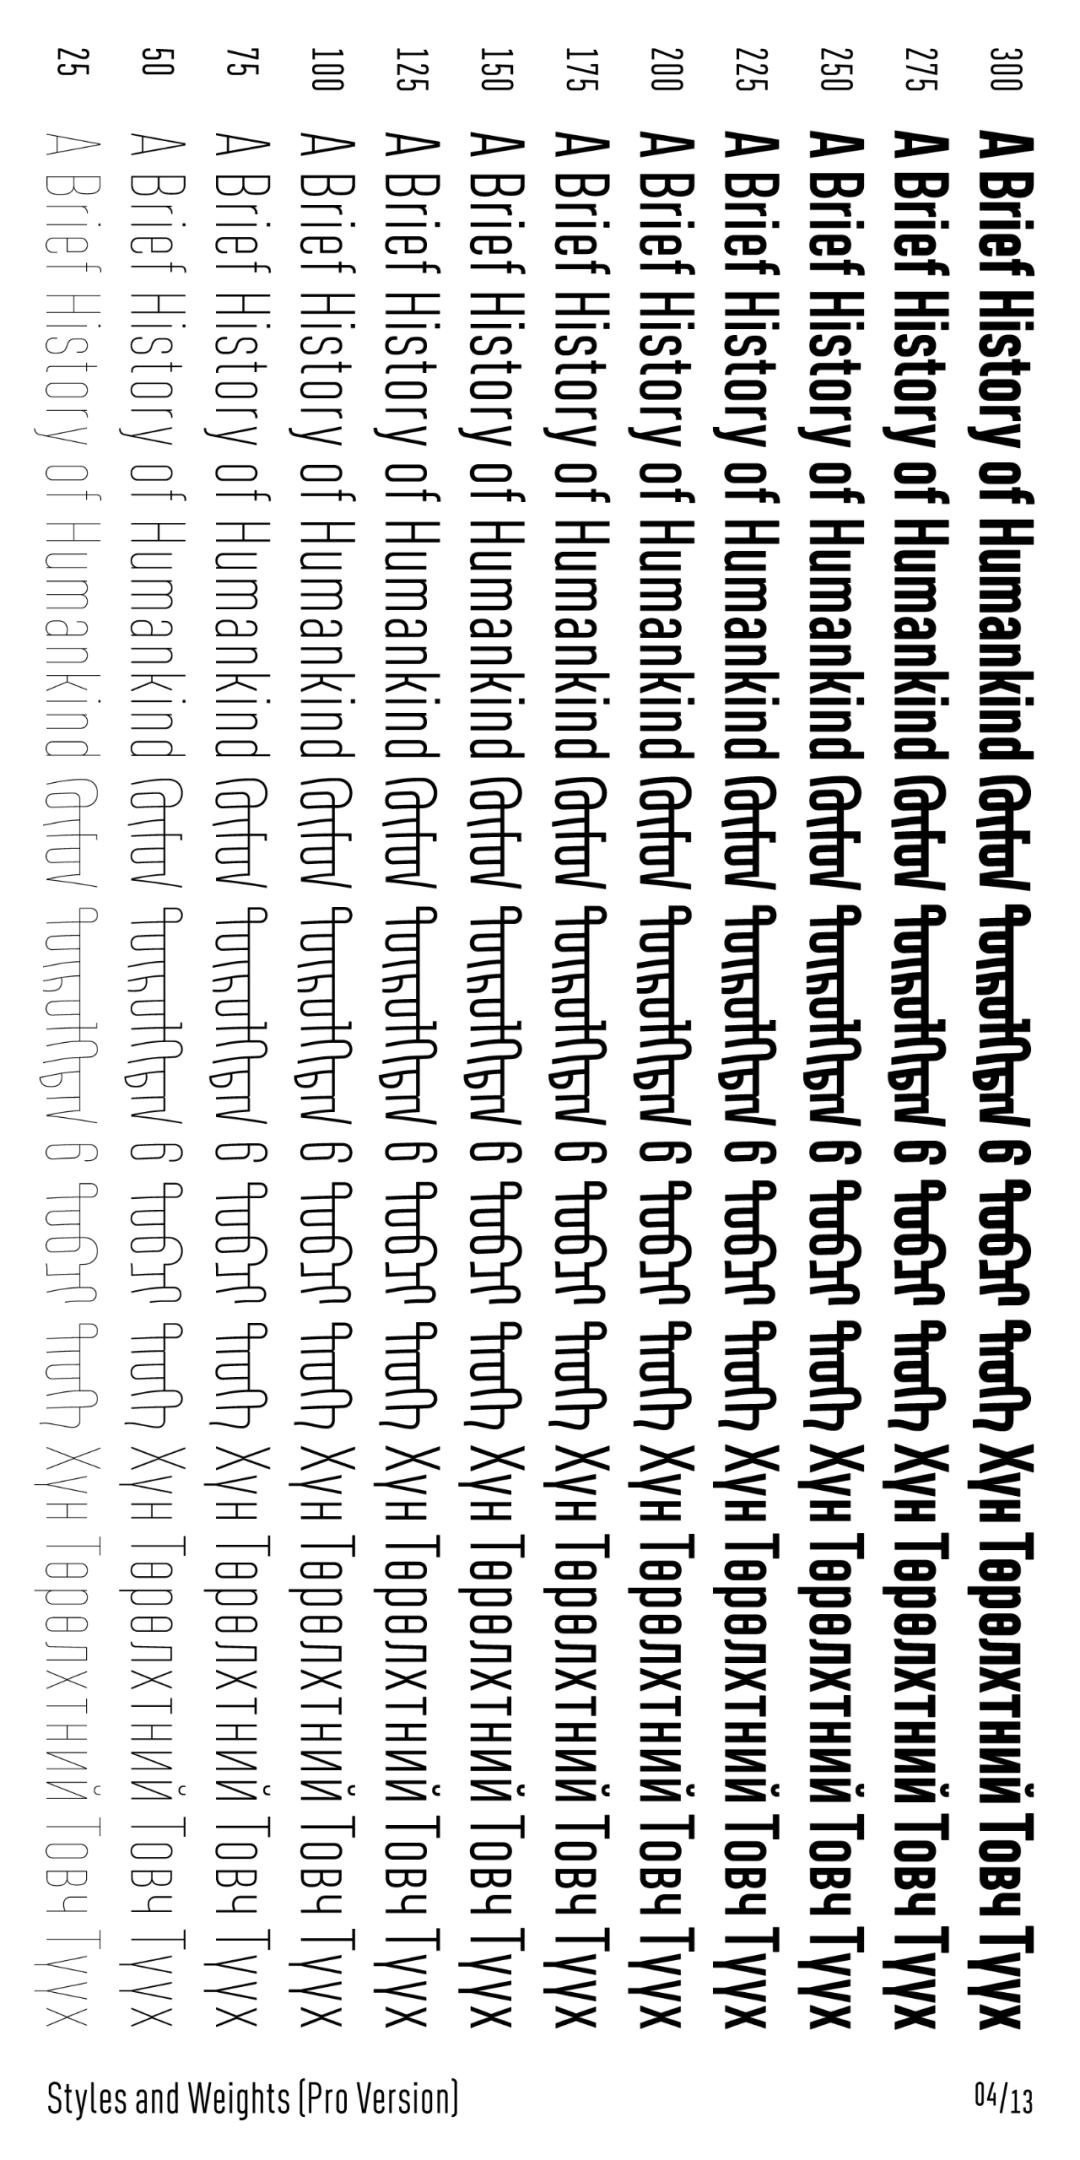 几何风格蒙古字体 Ailognom™ 第8张 几何风格蒙古字体 Ailognom™ 蒙古设计